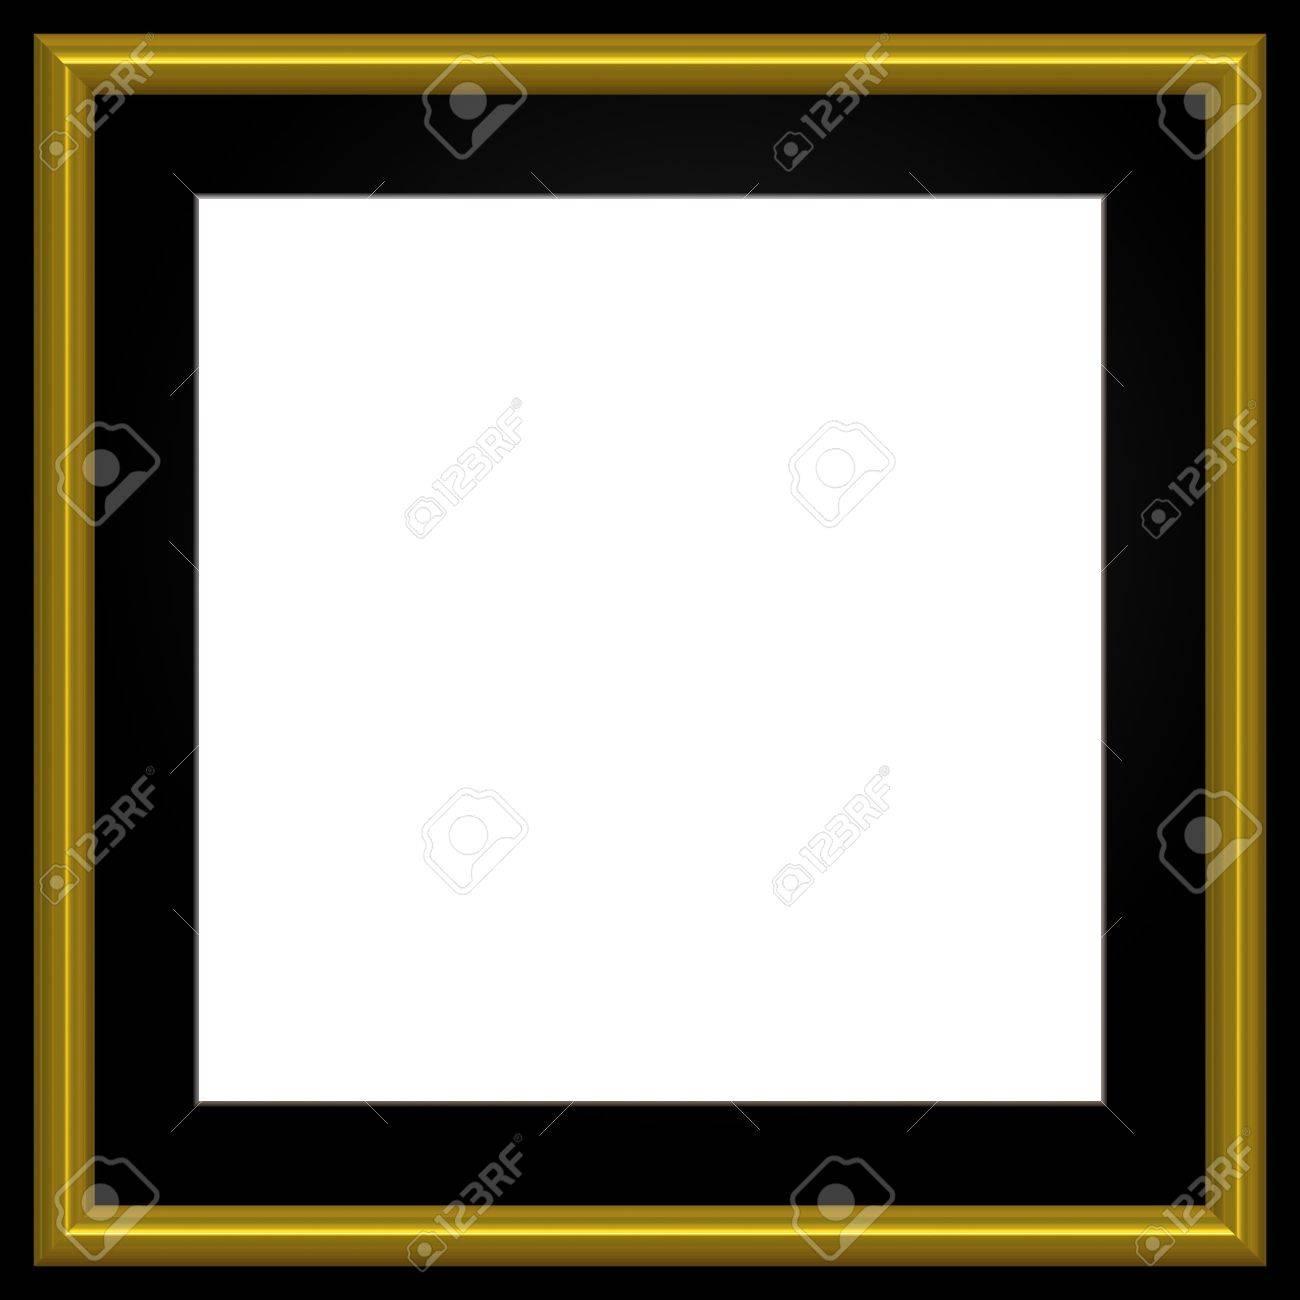 Gold Und Schwarz Quadrat-Foto-Rahmen Und Weiß-Exemplar. Lizenzfreie ...